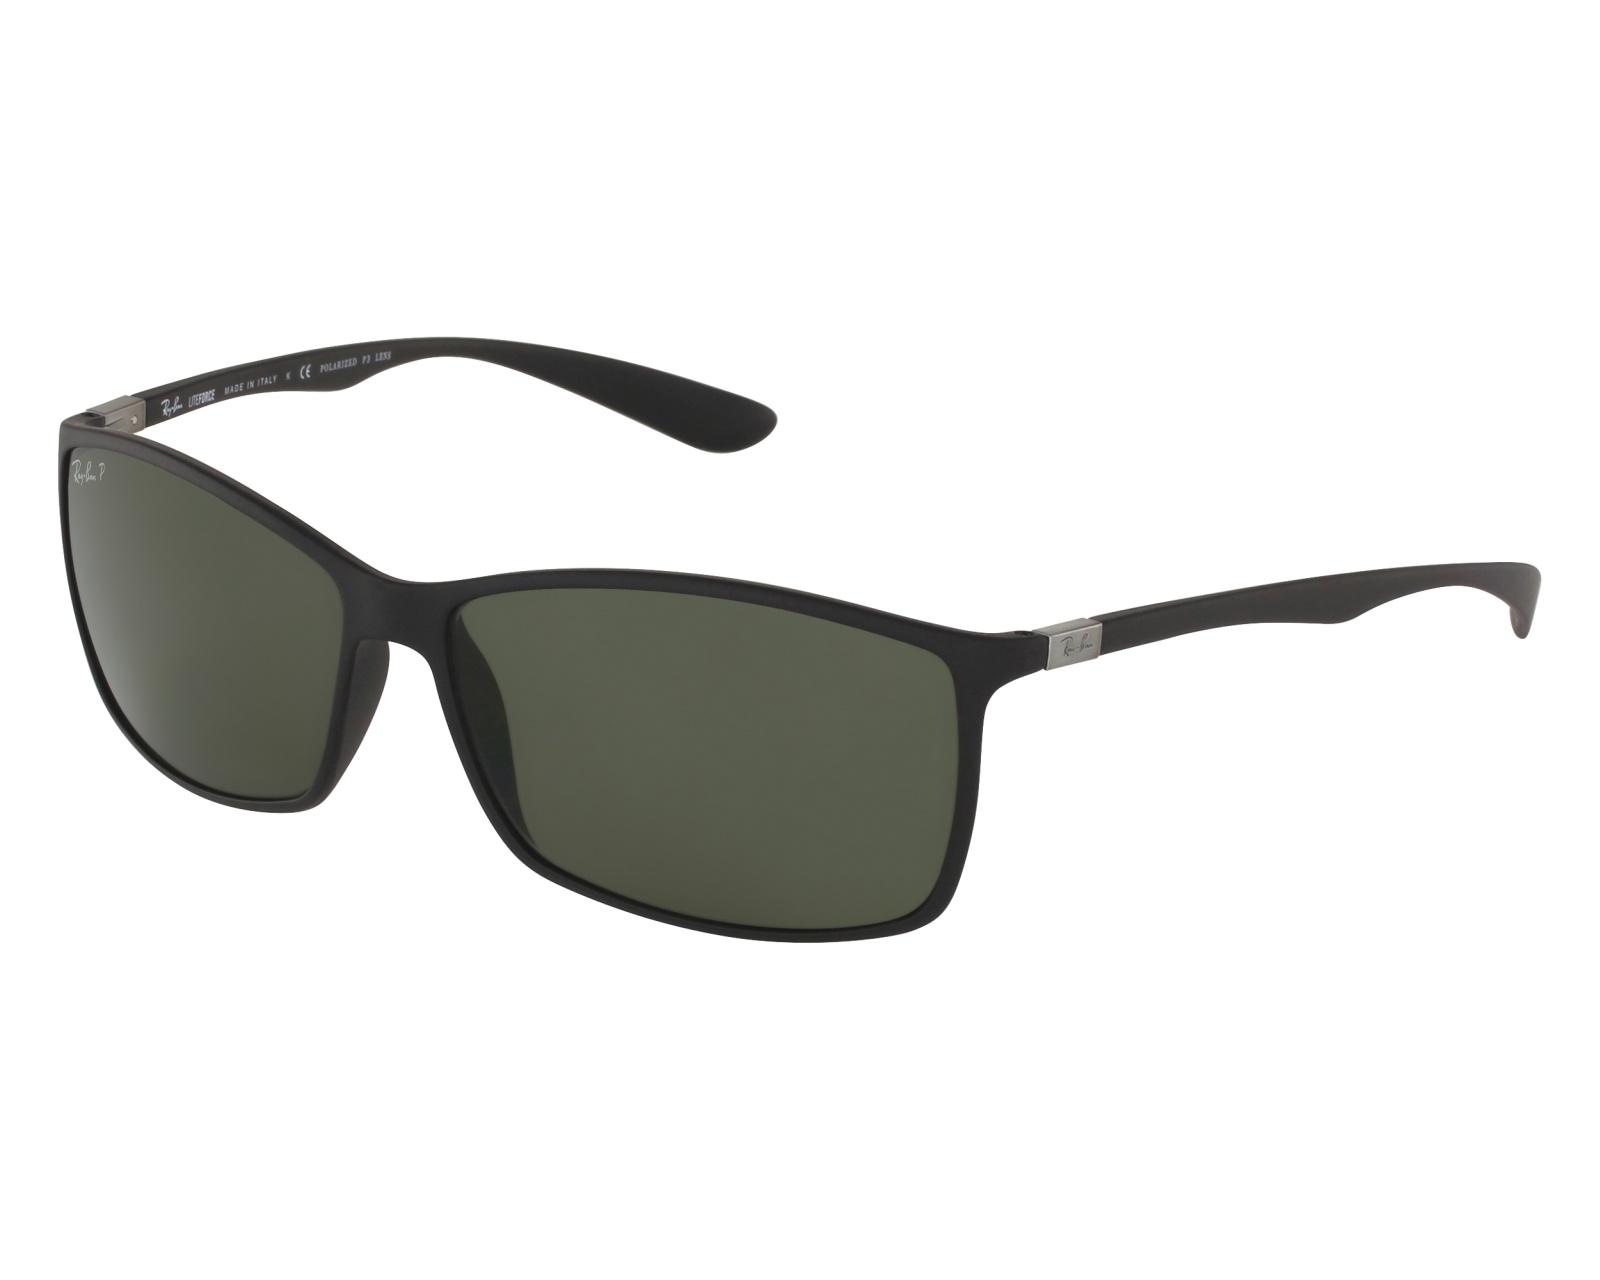 Ray-Ban Liteforce Sonnenbrille Mattschwarz 601S9A Polarisiert 62mm ip3G5W72